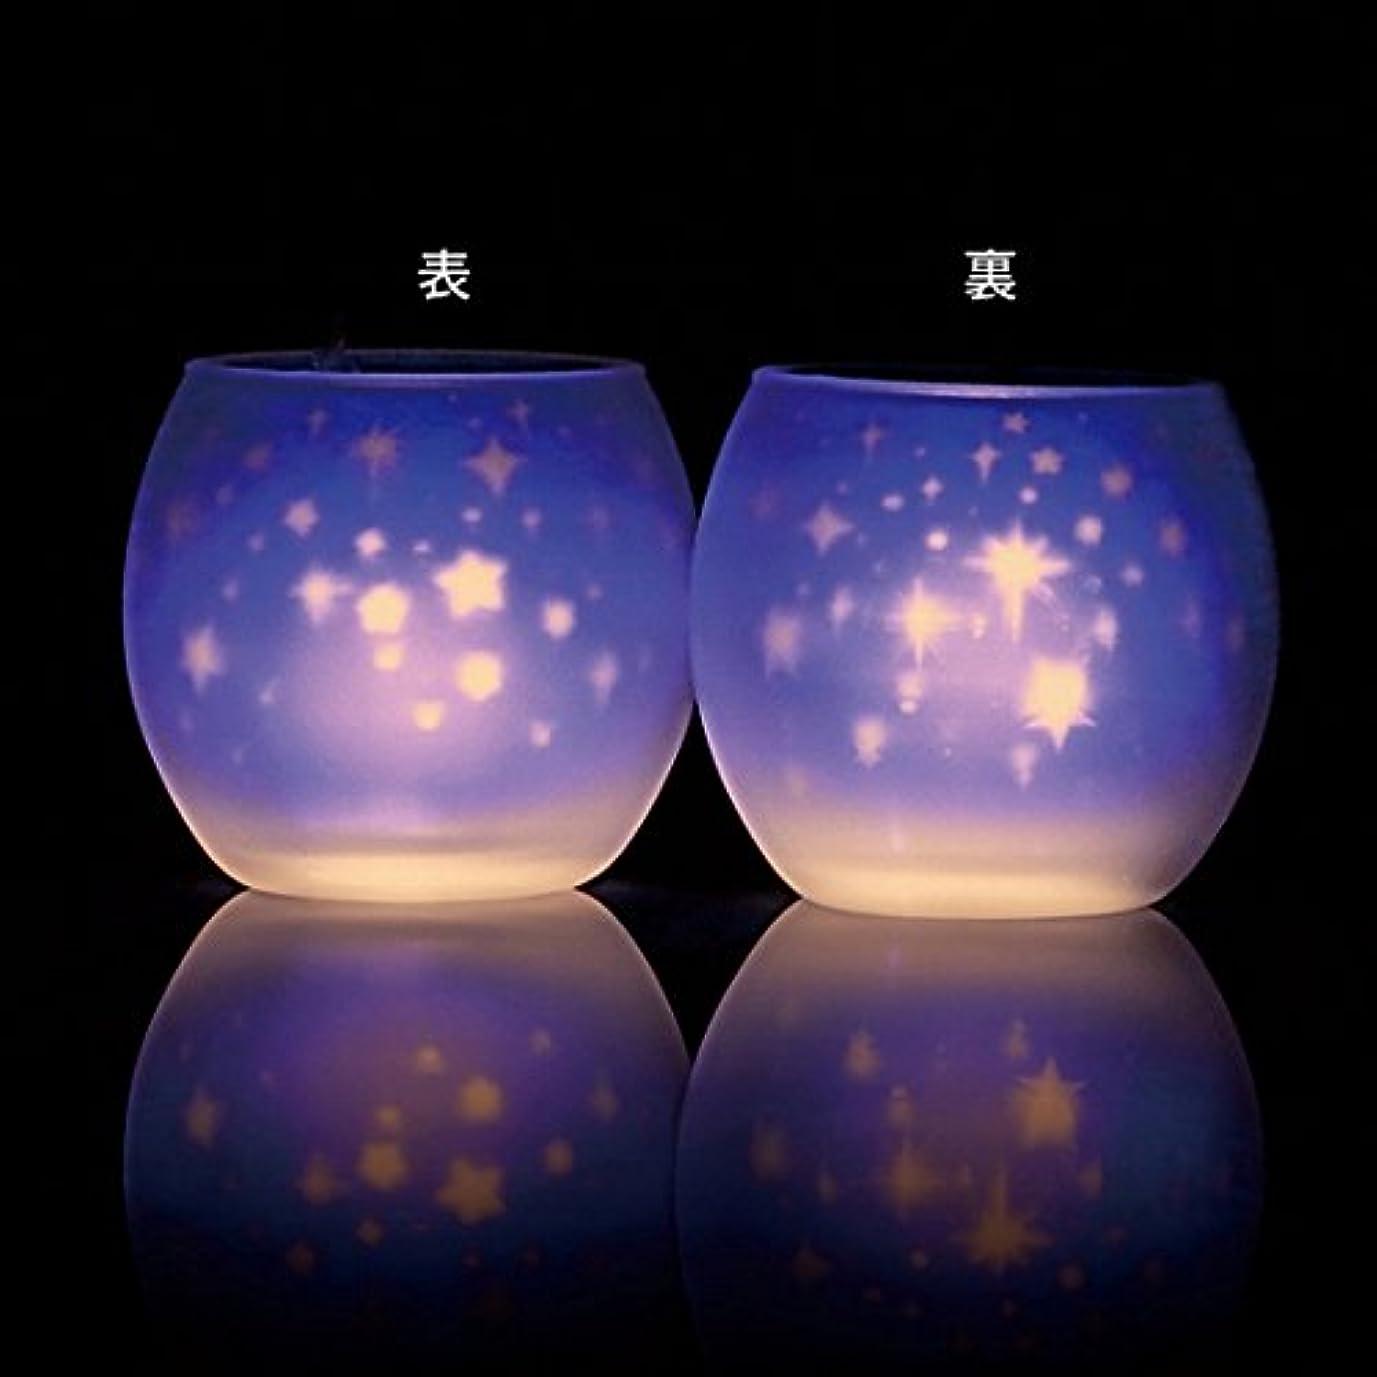 セーター彫刻マークカメヤマキャンドル(kameyama candle) ファインシルエットグラス【日本製キャンドル4個付き】 「 スターダスト 」